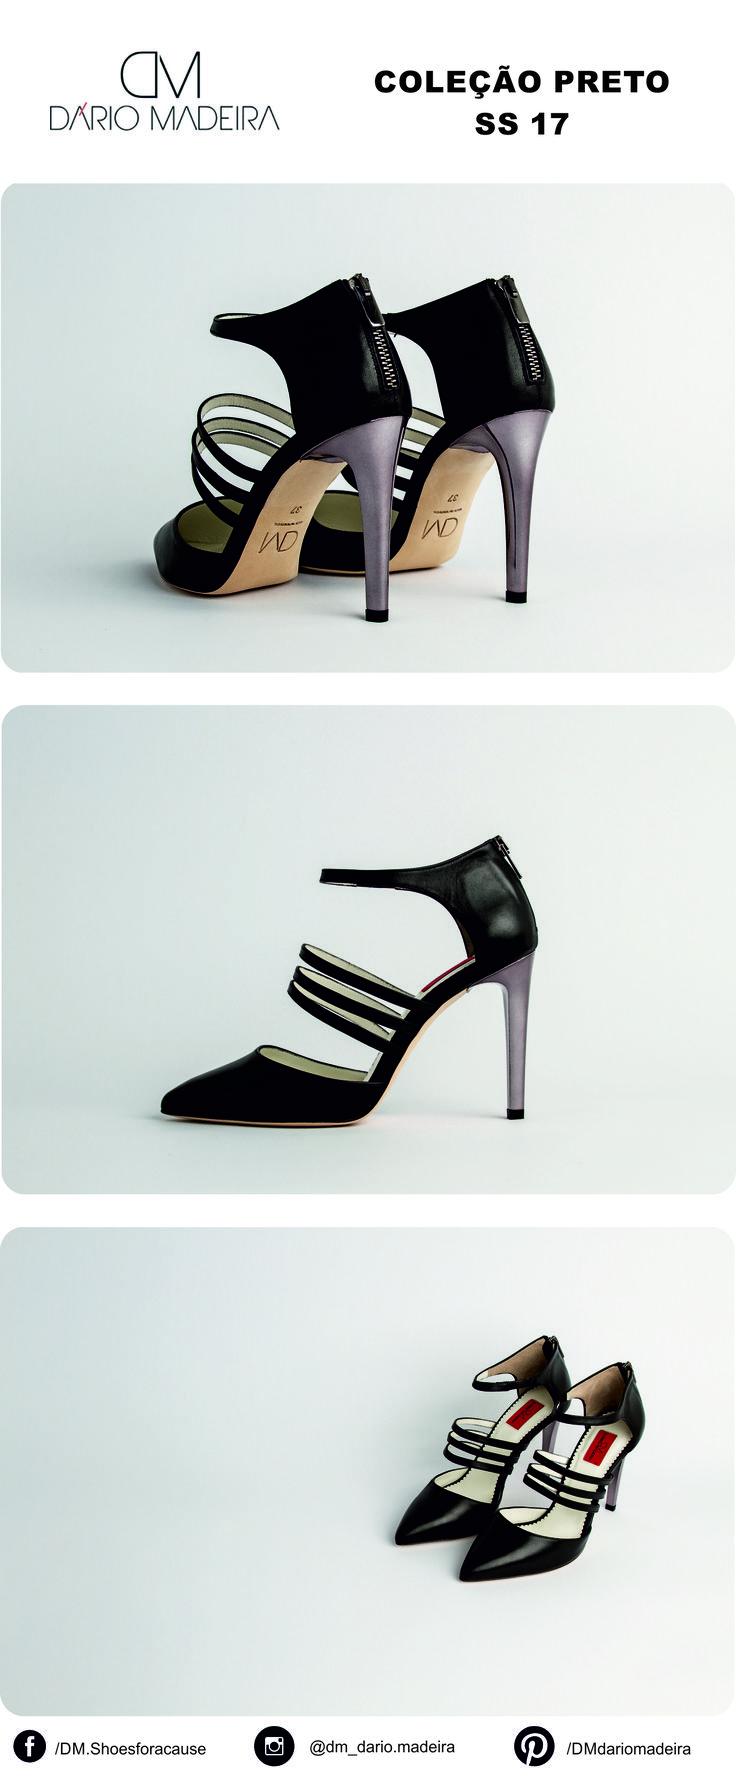 Sandália - Linha Preto | SS17 | DM - Dário Madeira  Sapato de Senhora | Shoes for a cause | Calçado Português | Portuguese Shoes | Made In Portugal